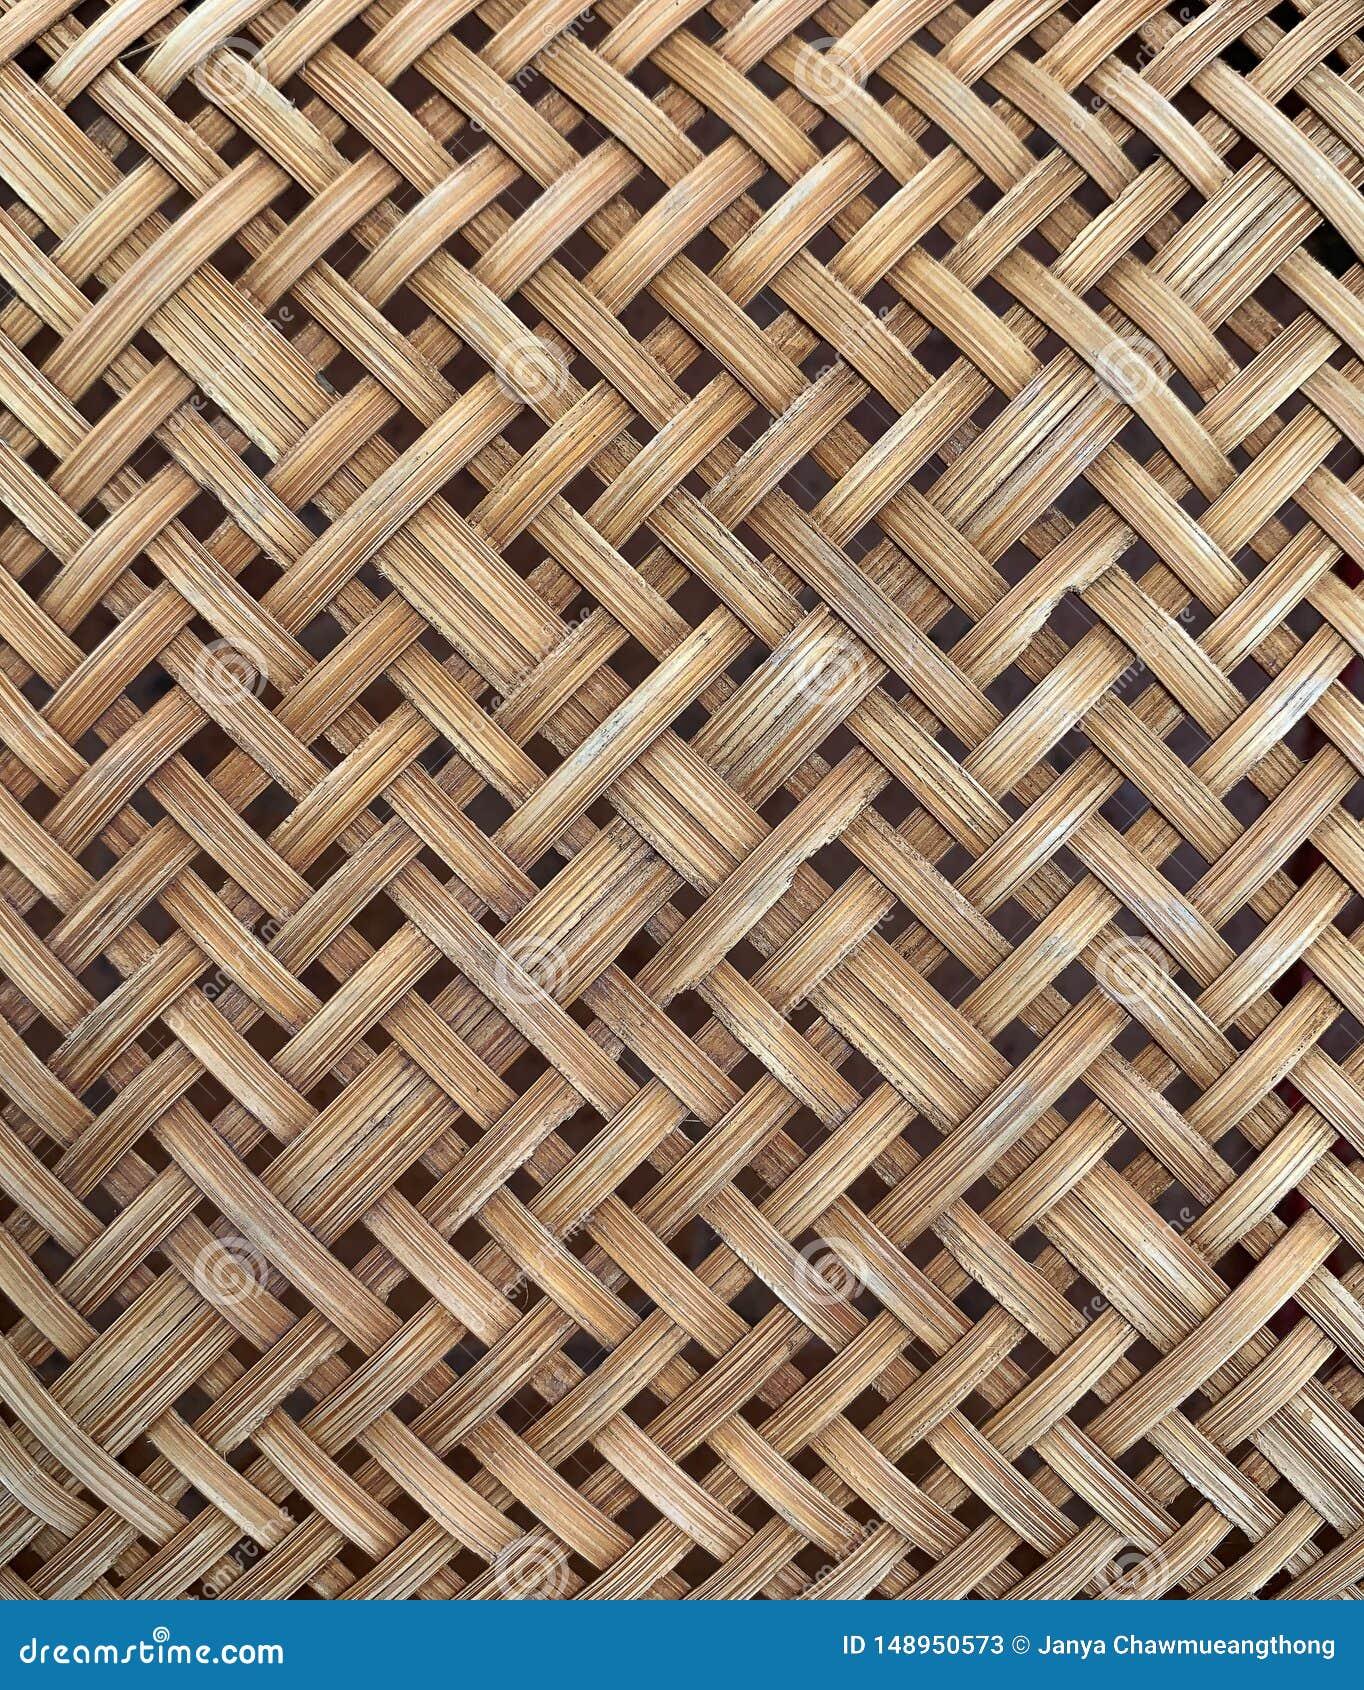 Бамбуковый дуршлаг